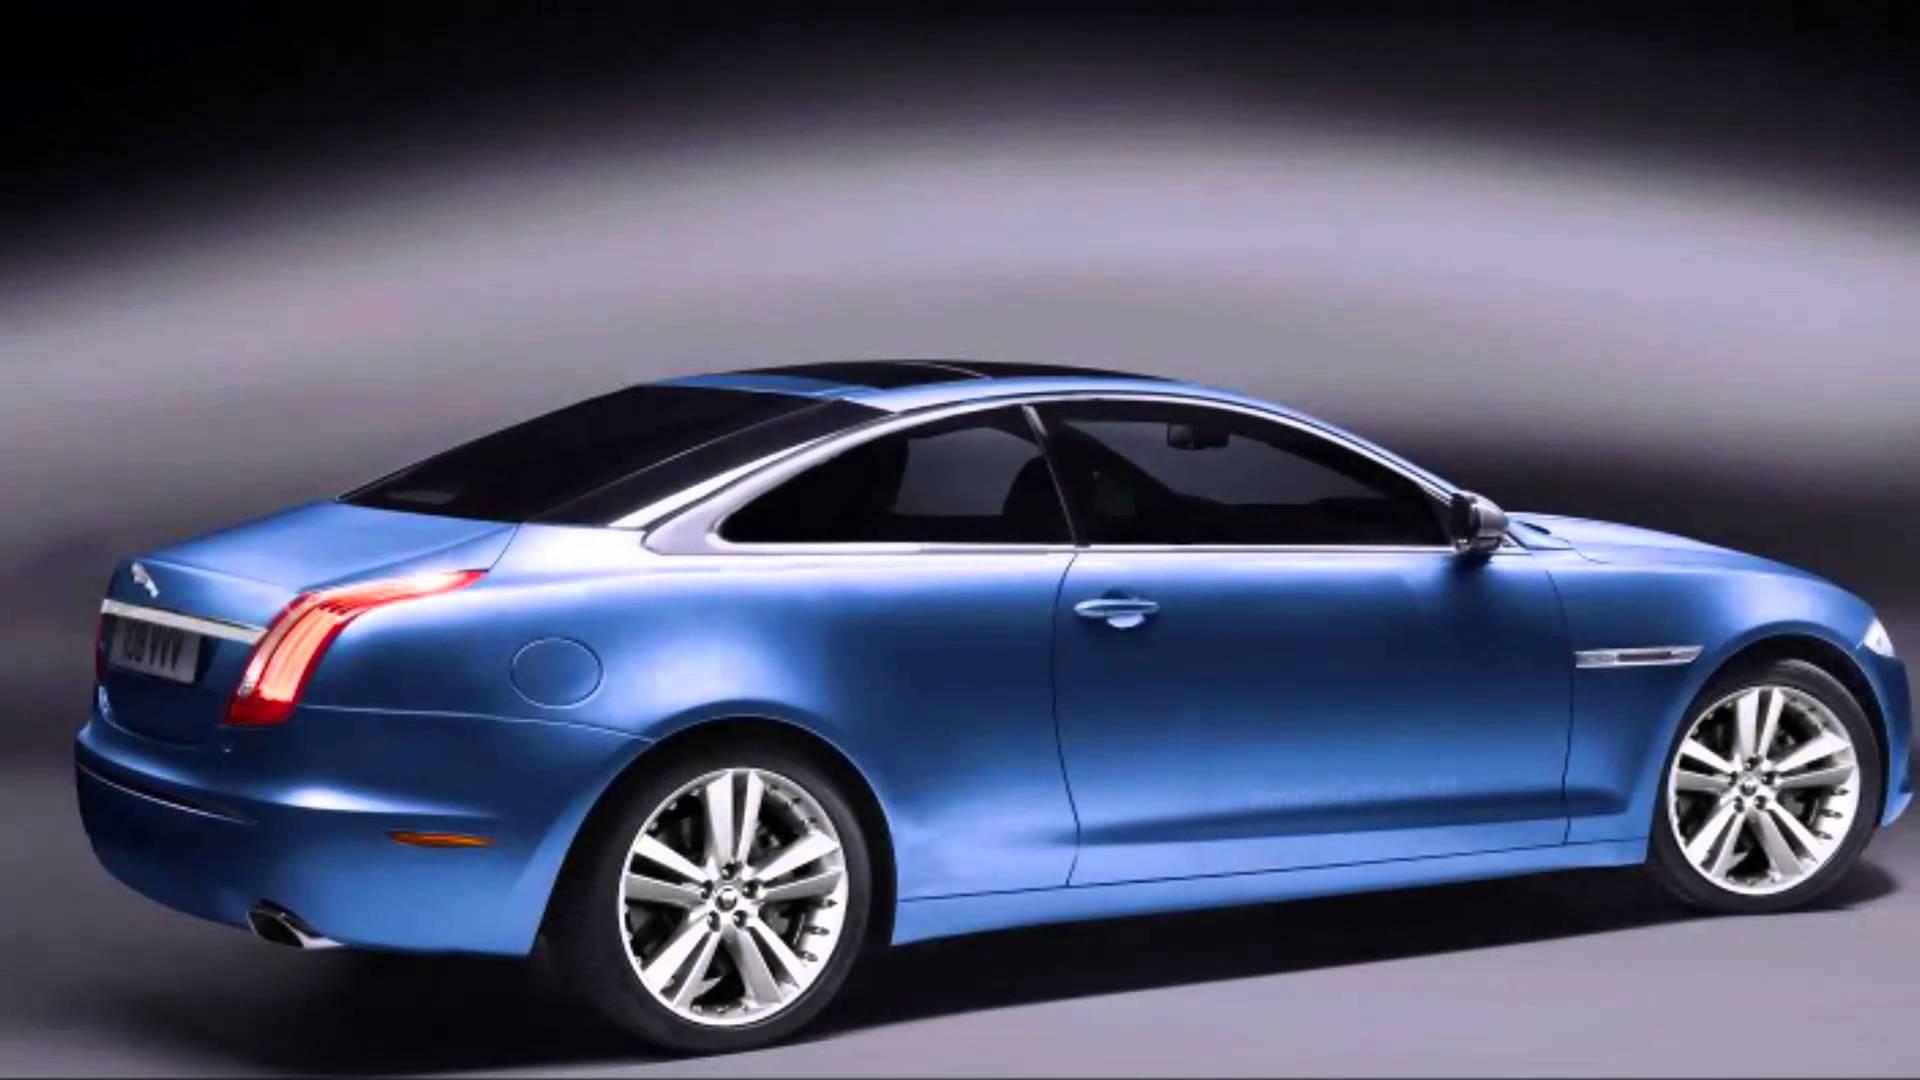 также новые модели ягуар в кузове купе фото этой статье